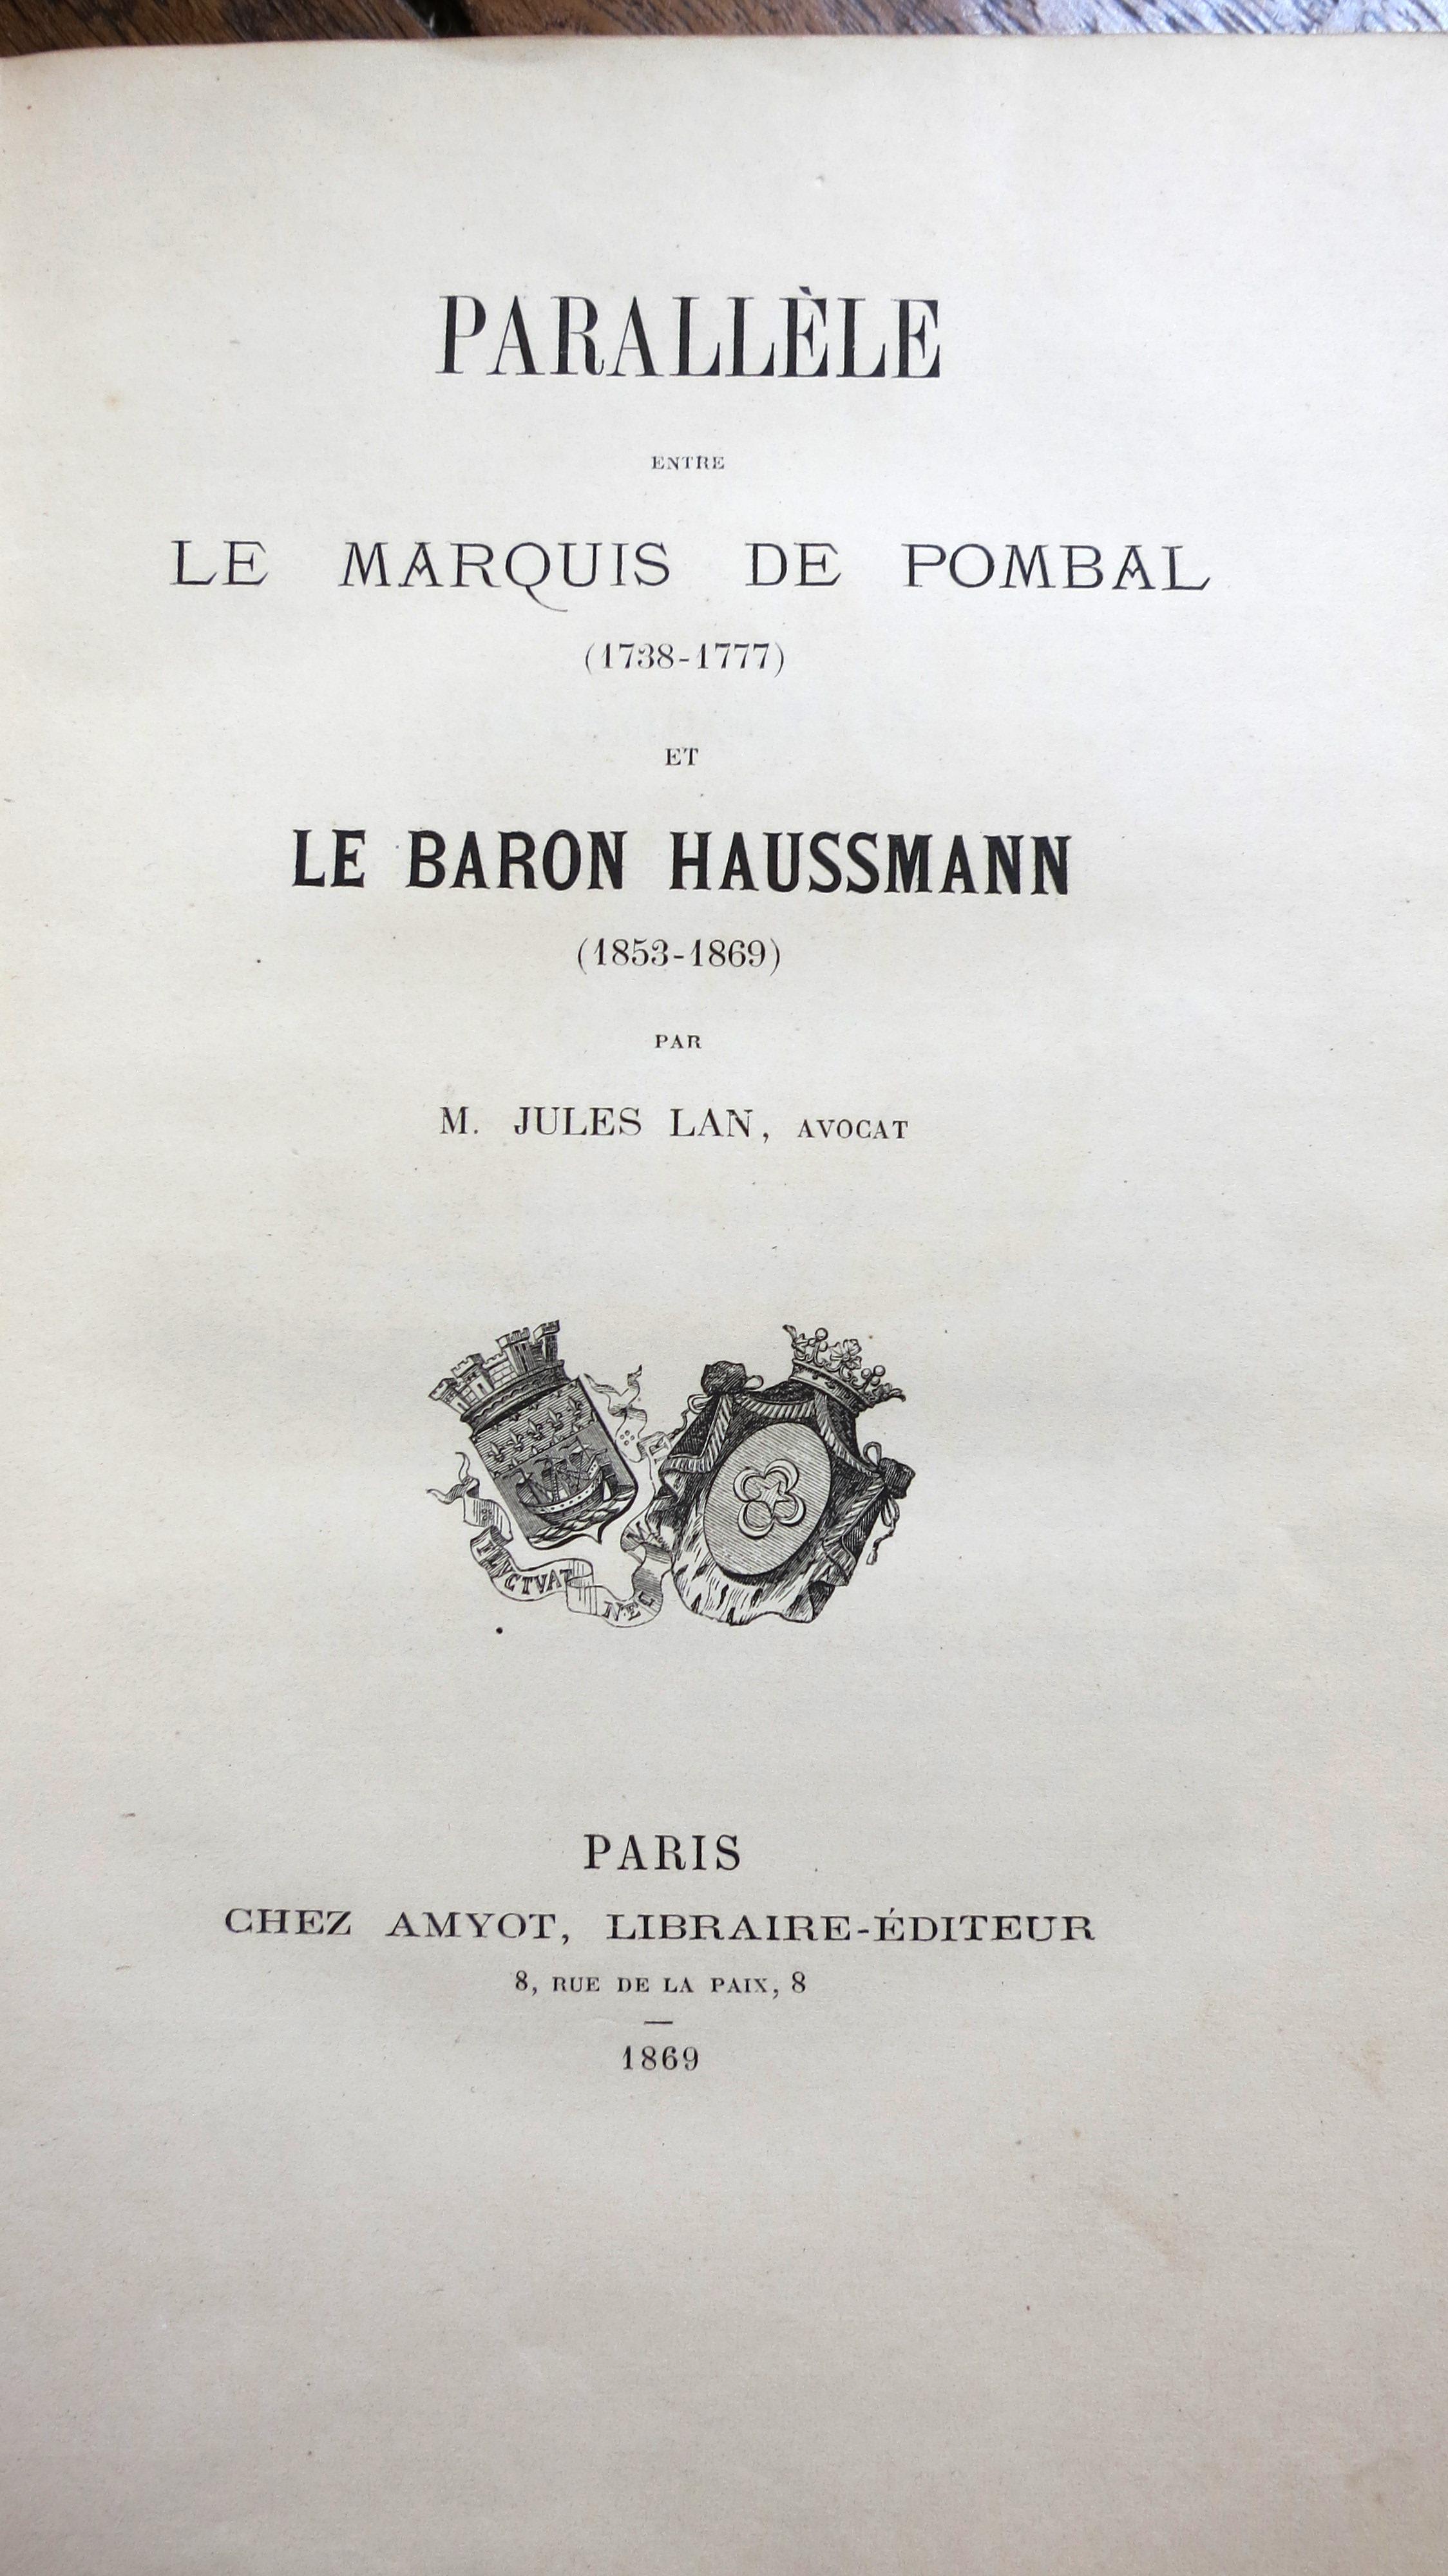 Parallèle entre le marquis de Pombal et le baron Haussmann